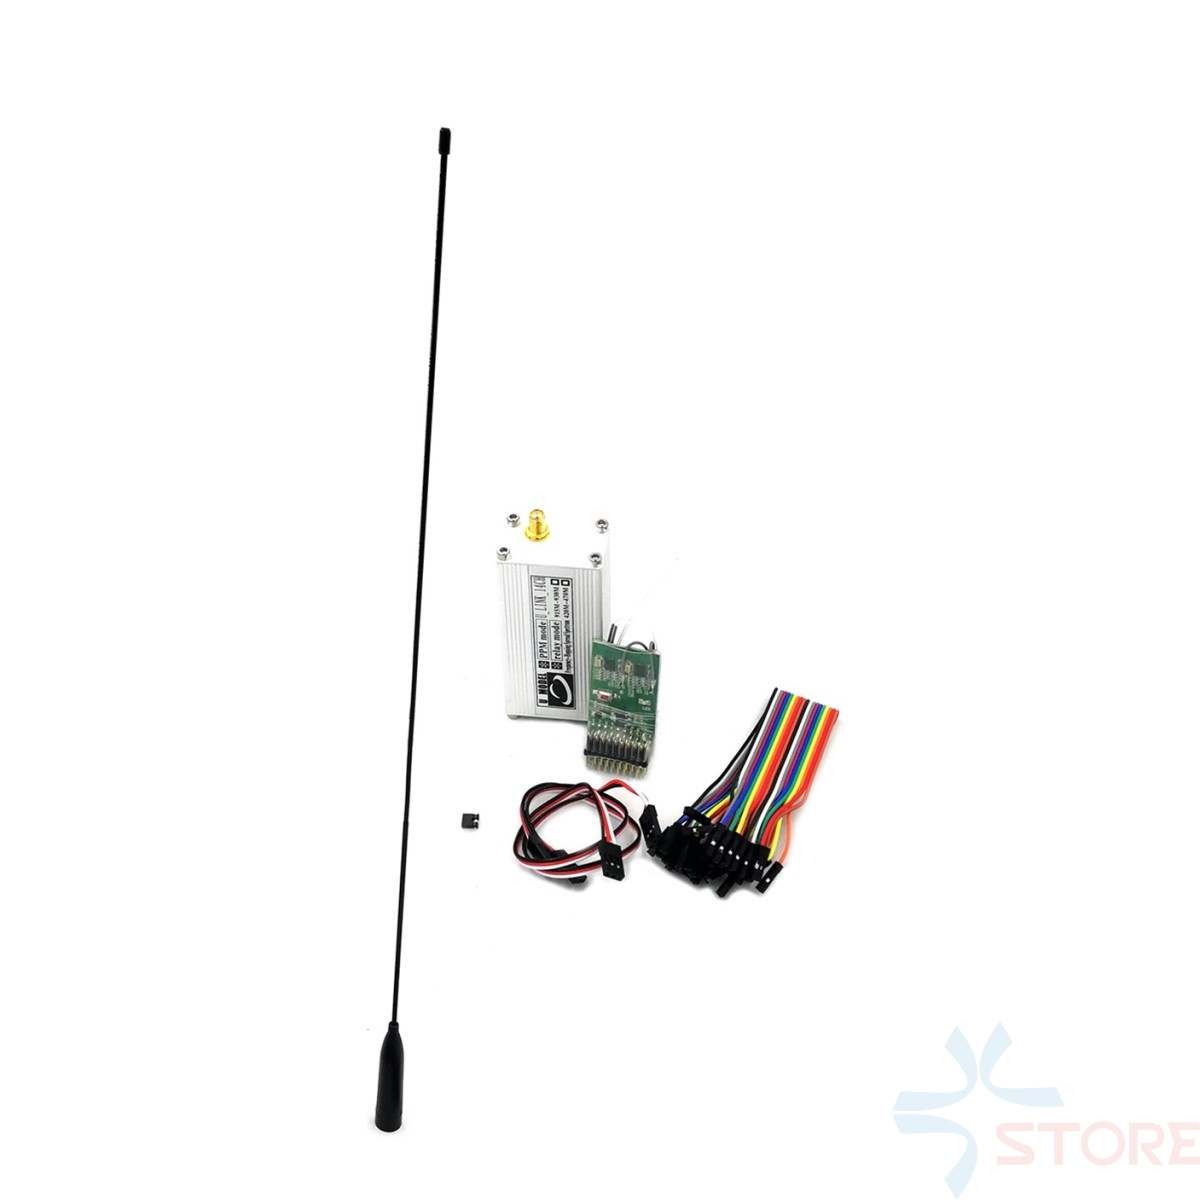 64km Ulink433 433mhz Fpv Long Range Lnb Extended Range Remote Controller System Transmitter